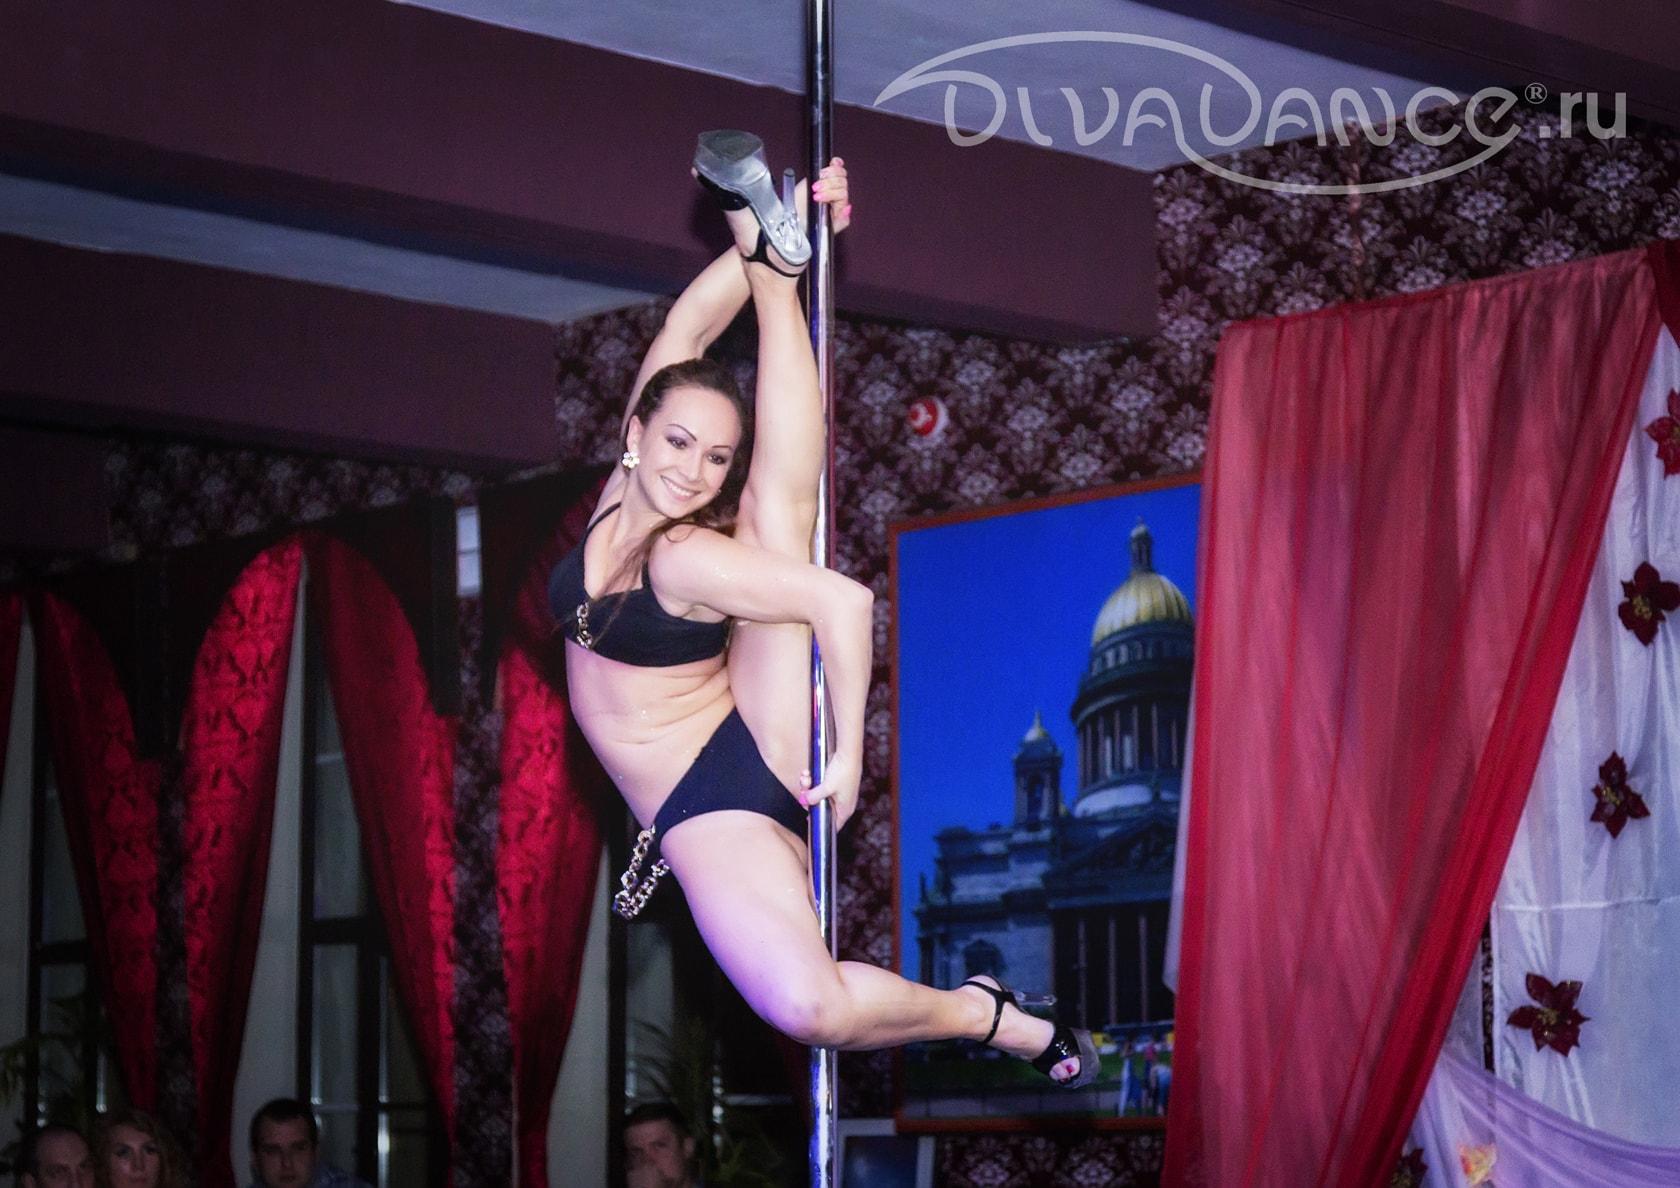 Смотреть онлайн танец стриптиз 7 фотография